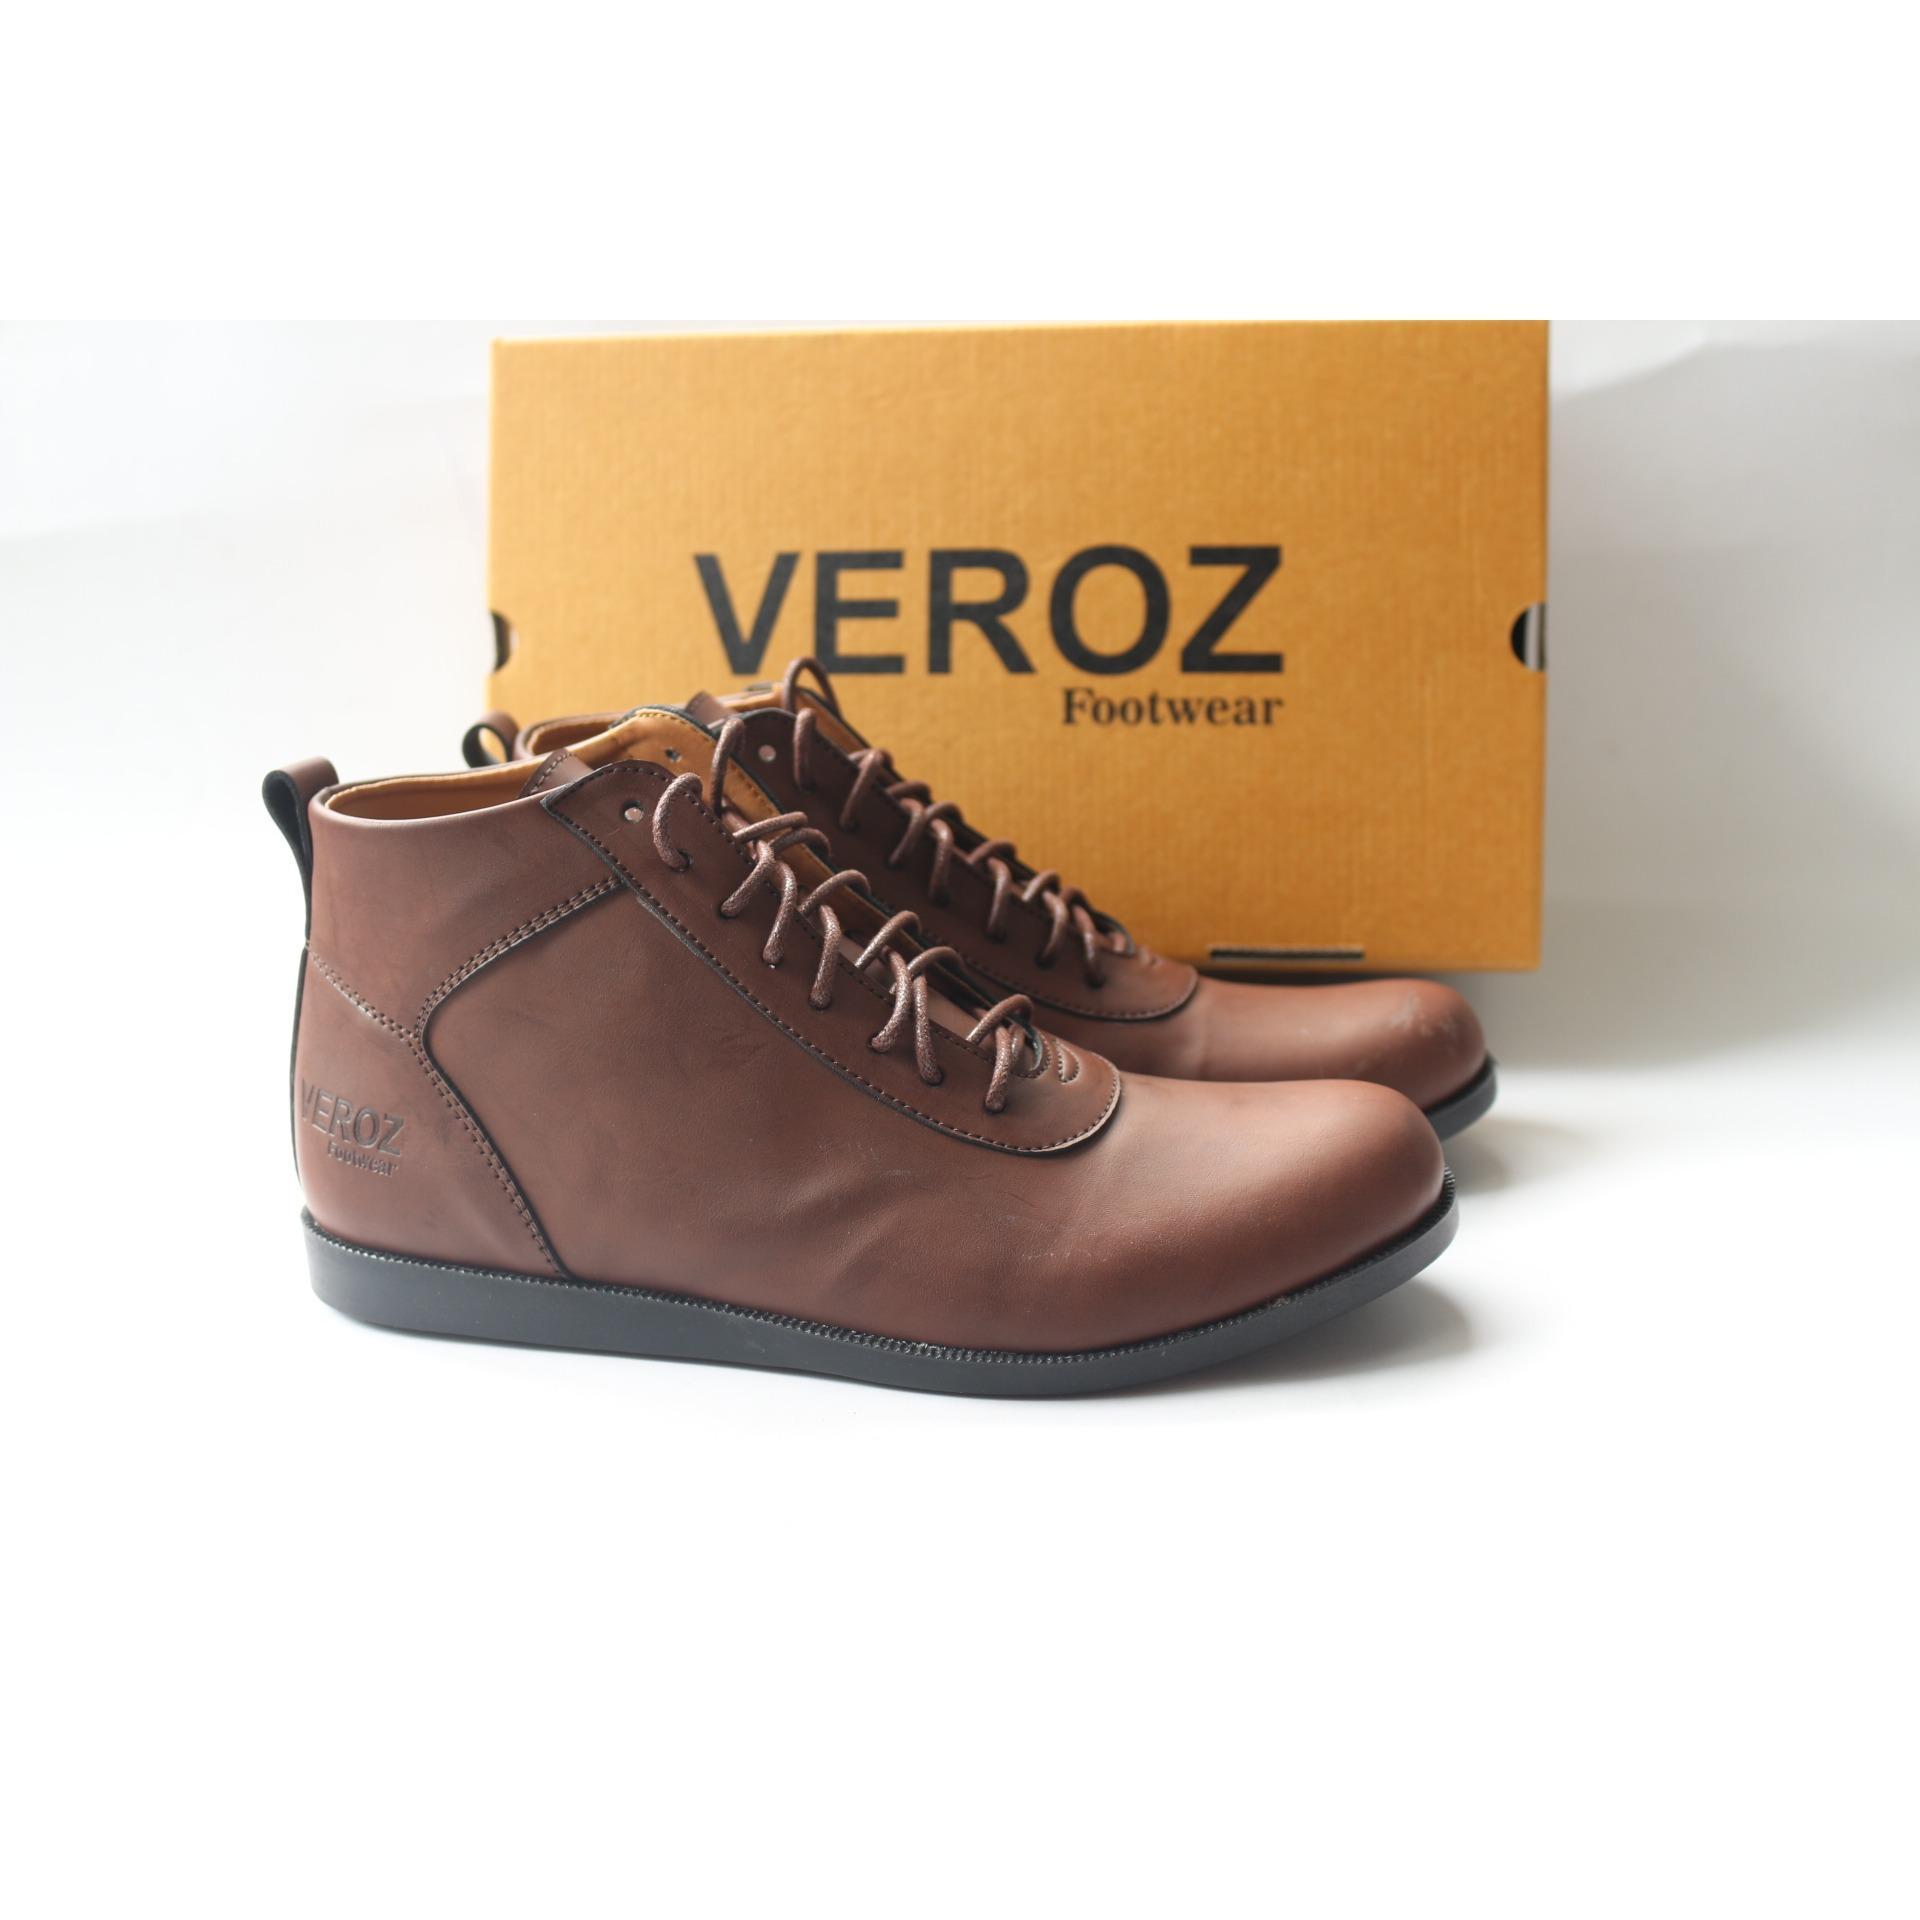 sepatu casual boots pria kerja formal santai kantoran veroz brodo original  footewar hunting kuliah 20d35e67b2